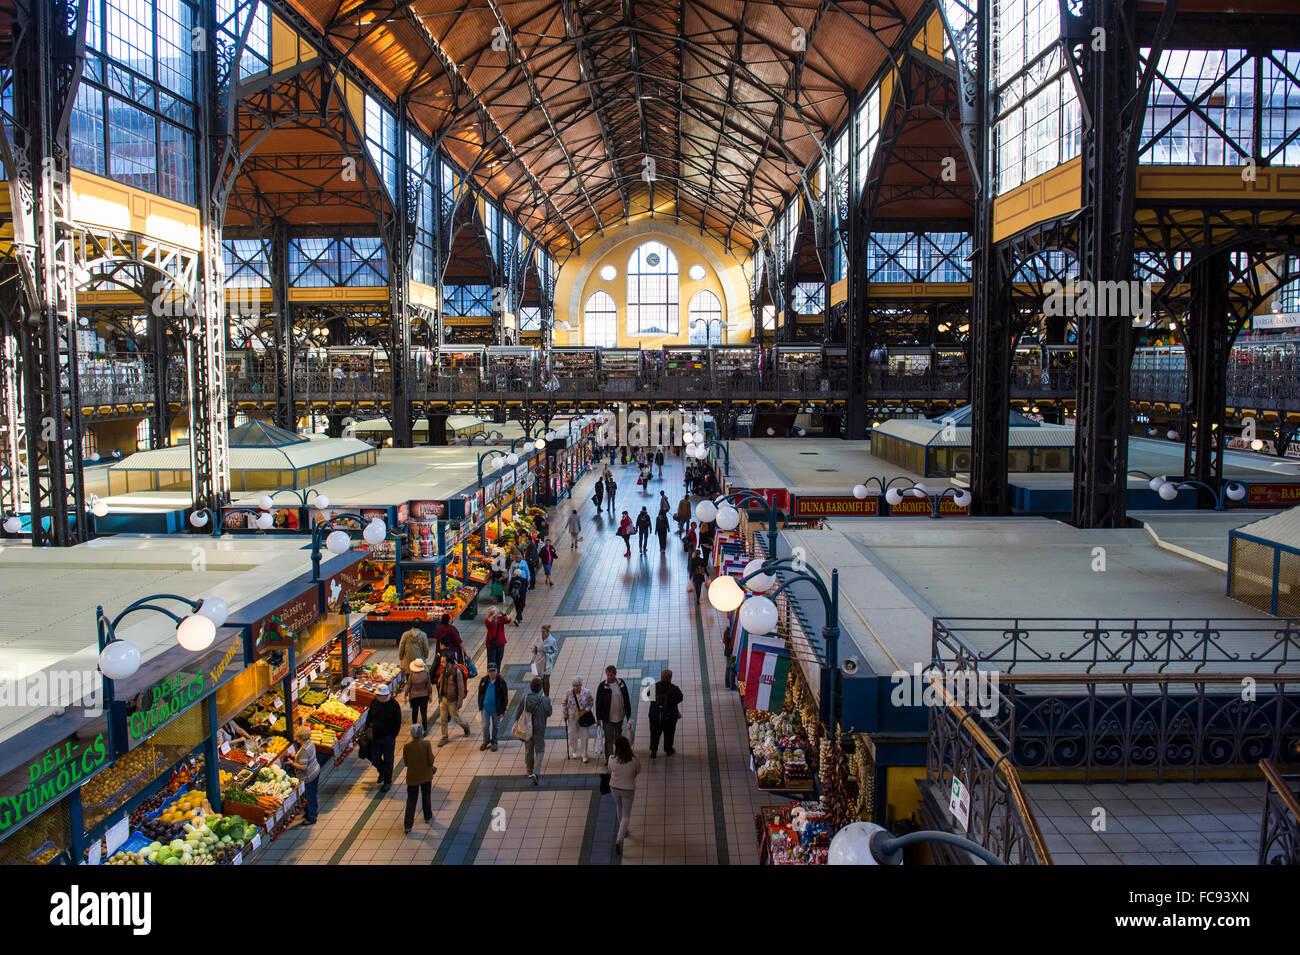 Große Markthalle, Budapest, Ungarn, Europa Stockbild